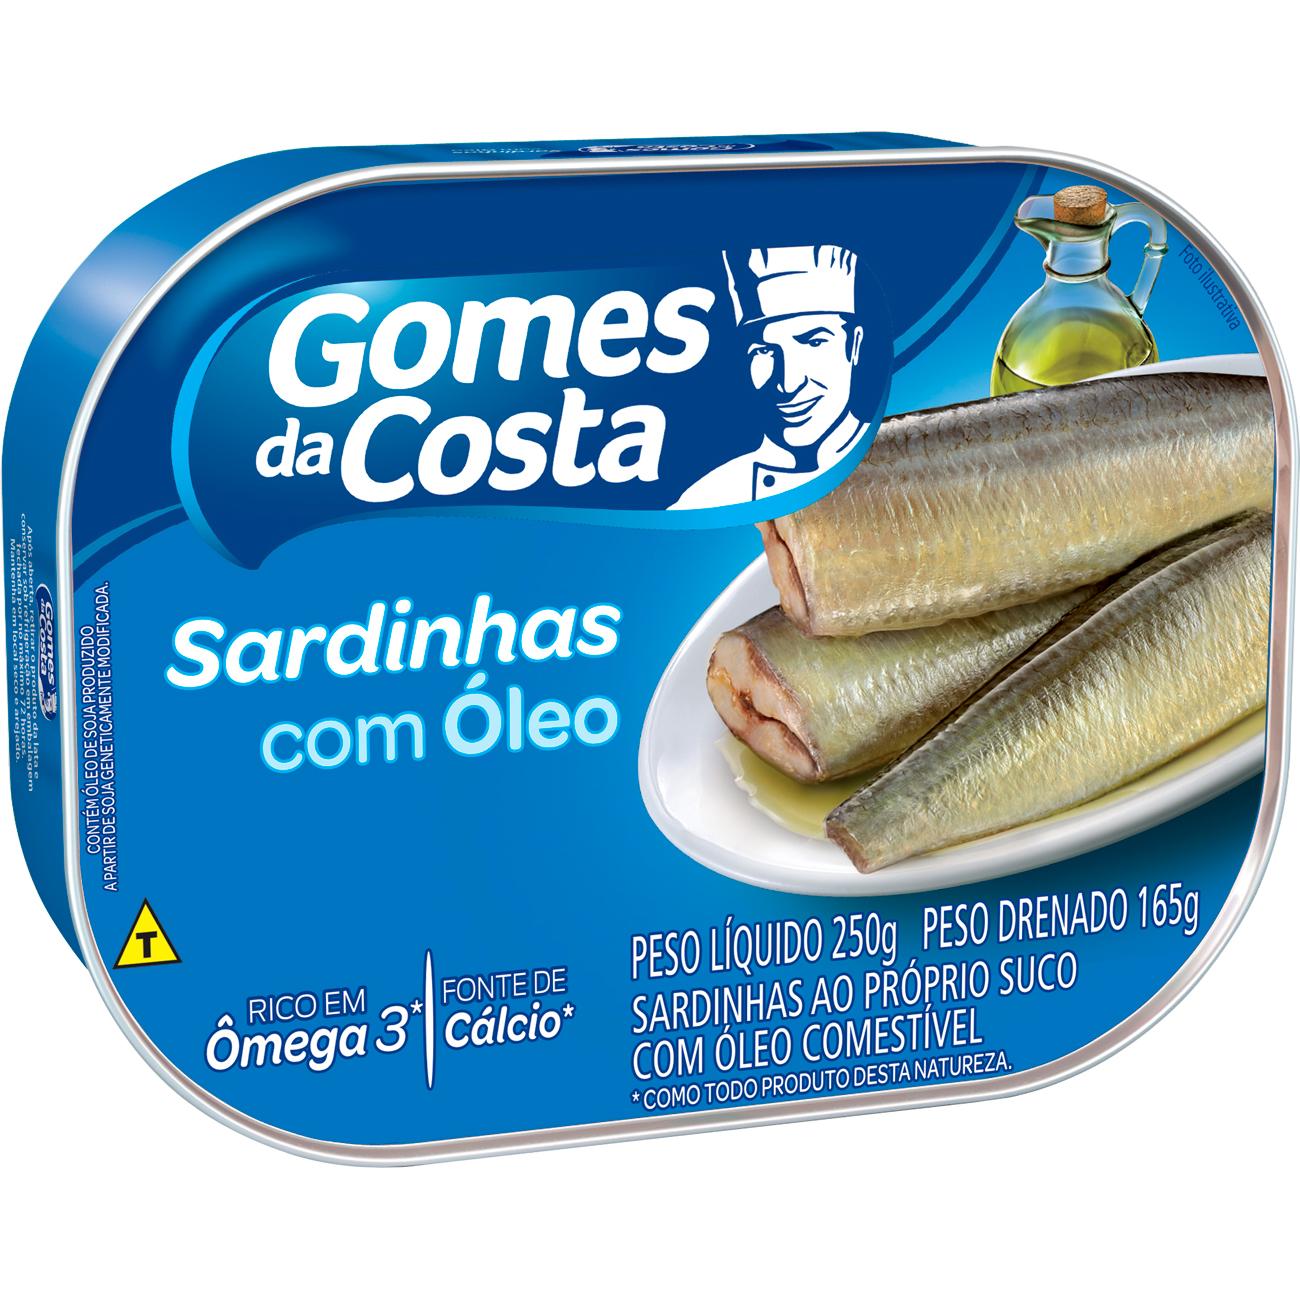 Sardinha Gomes Da Costa 250G Oleo